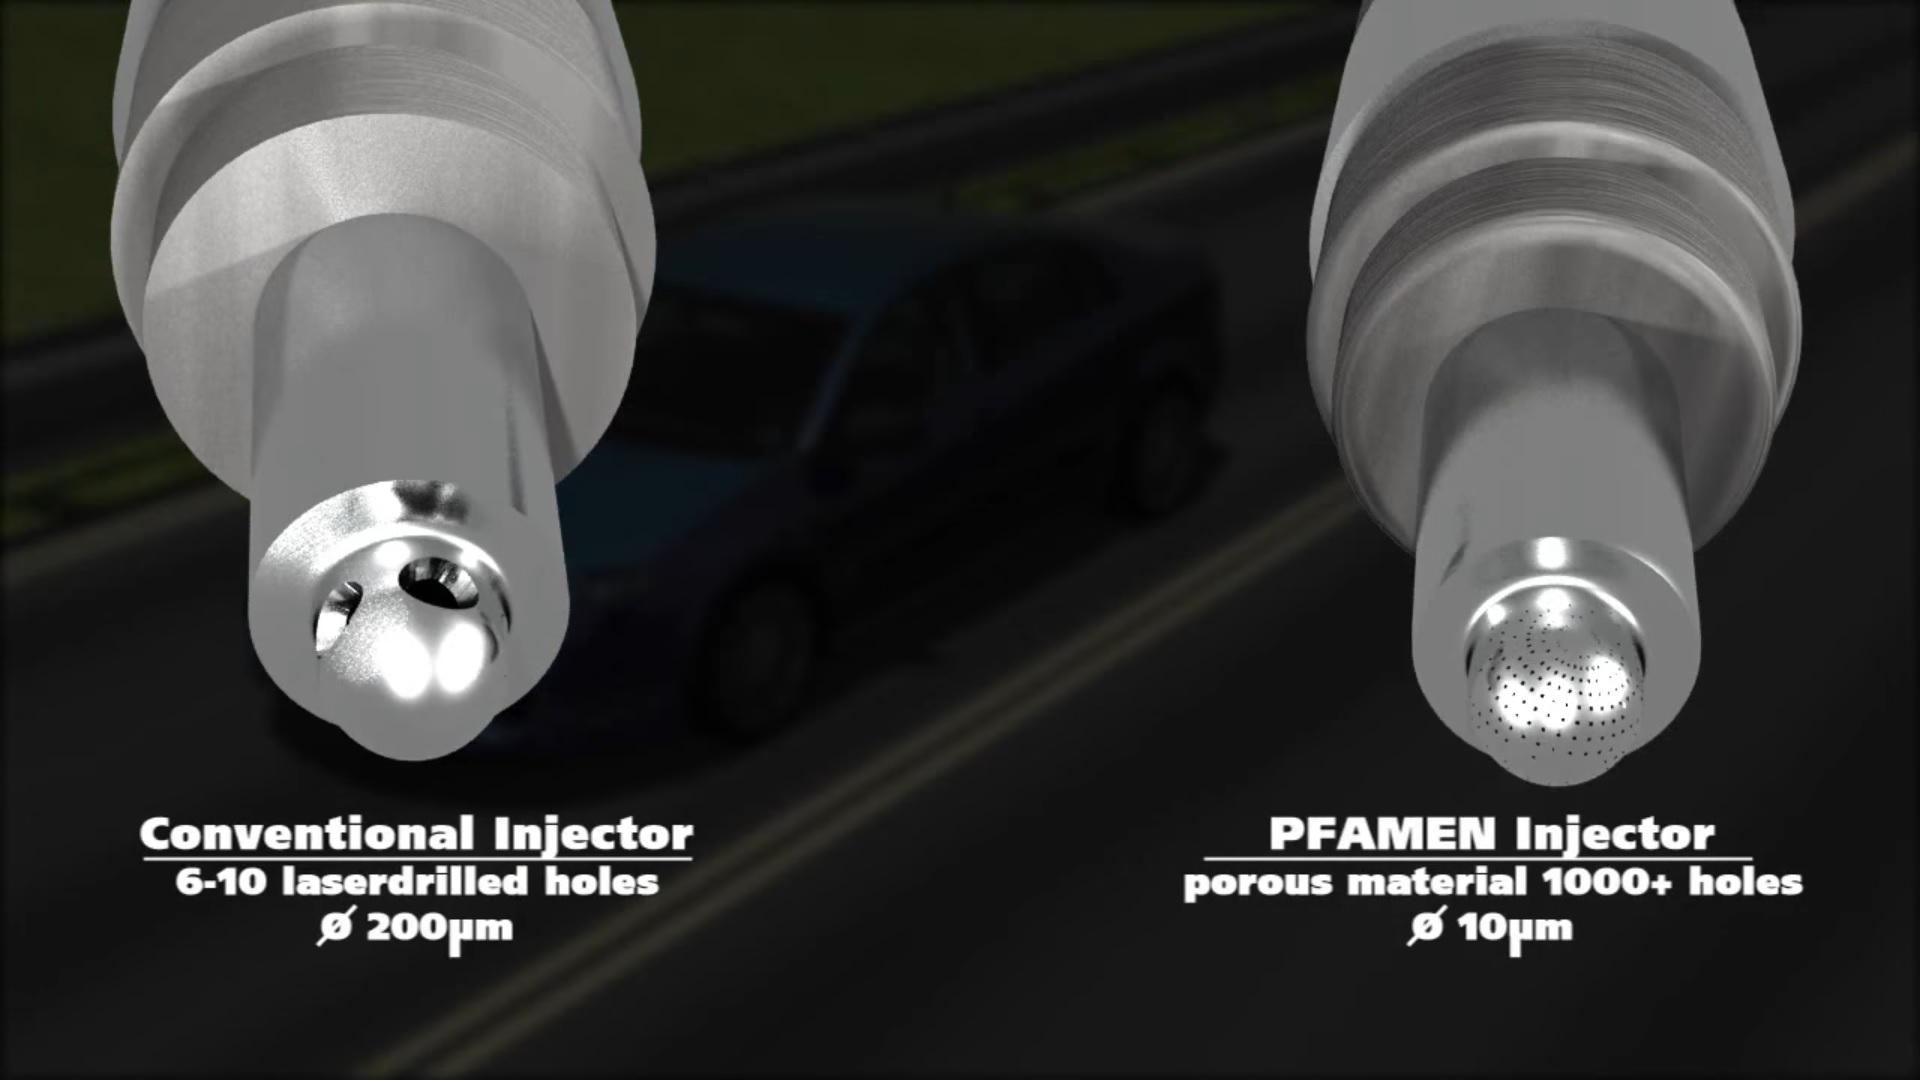 PFAMEN_Injector